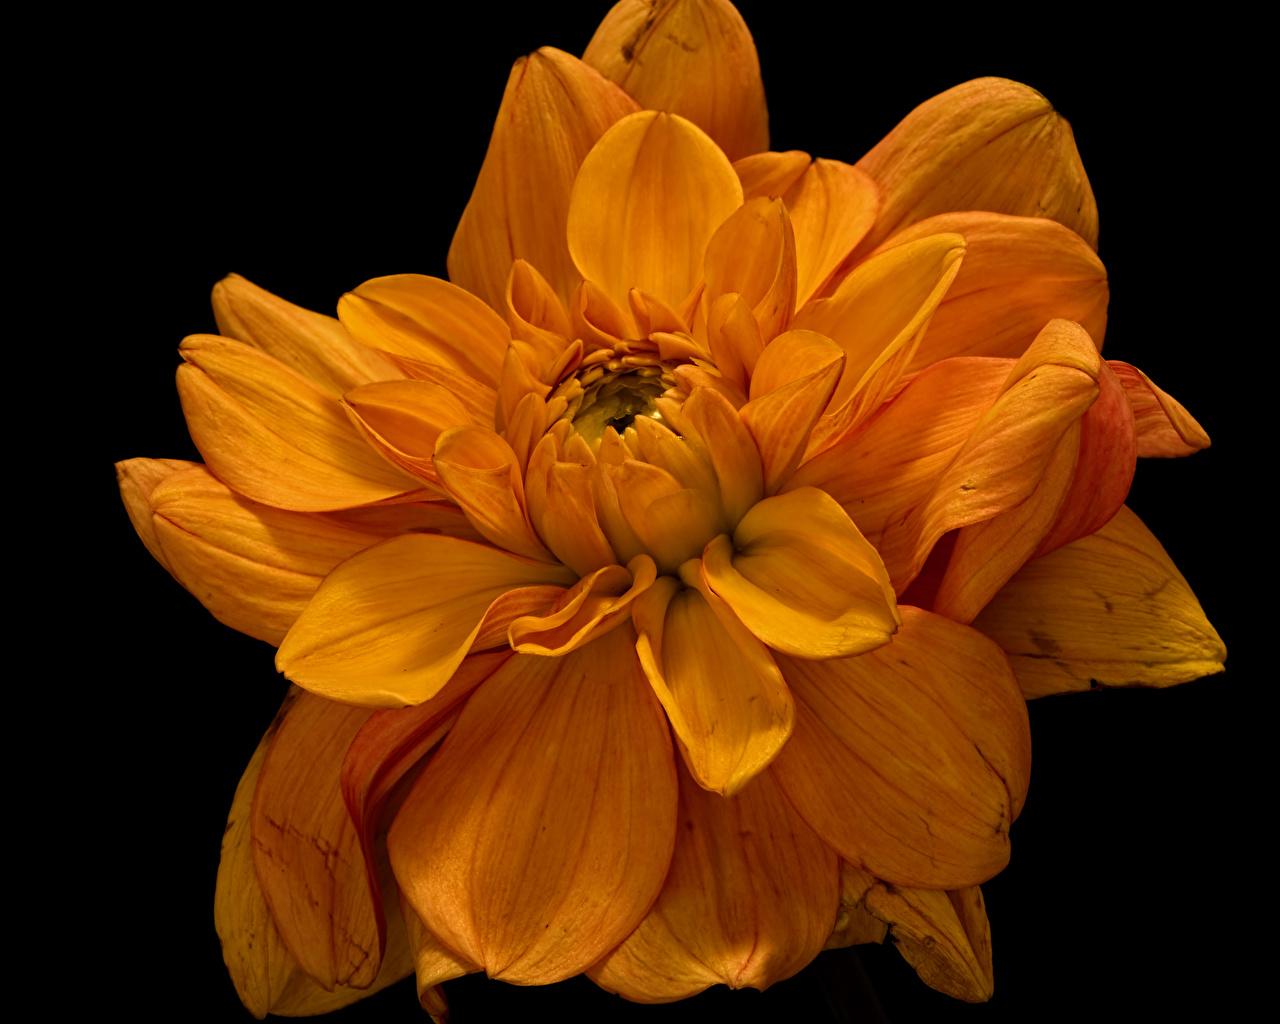 Фото оранжевые Цветы Хризантемы вблизи на черном фоне оранжевых Оранжевый оранжевая цветок Черный фон Крупным планом